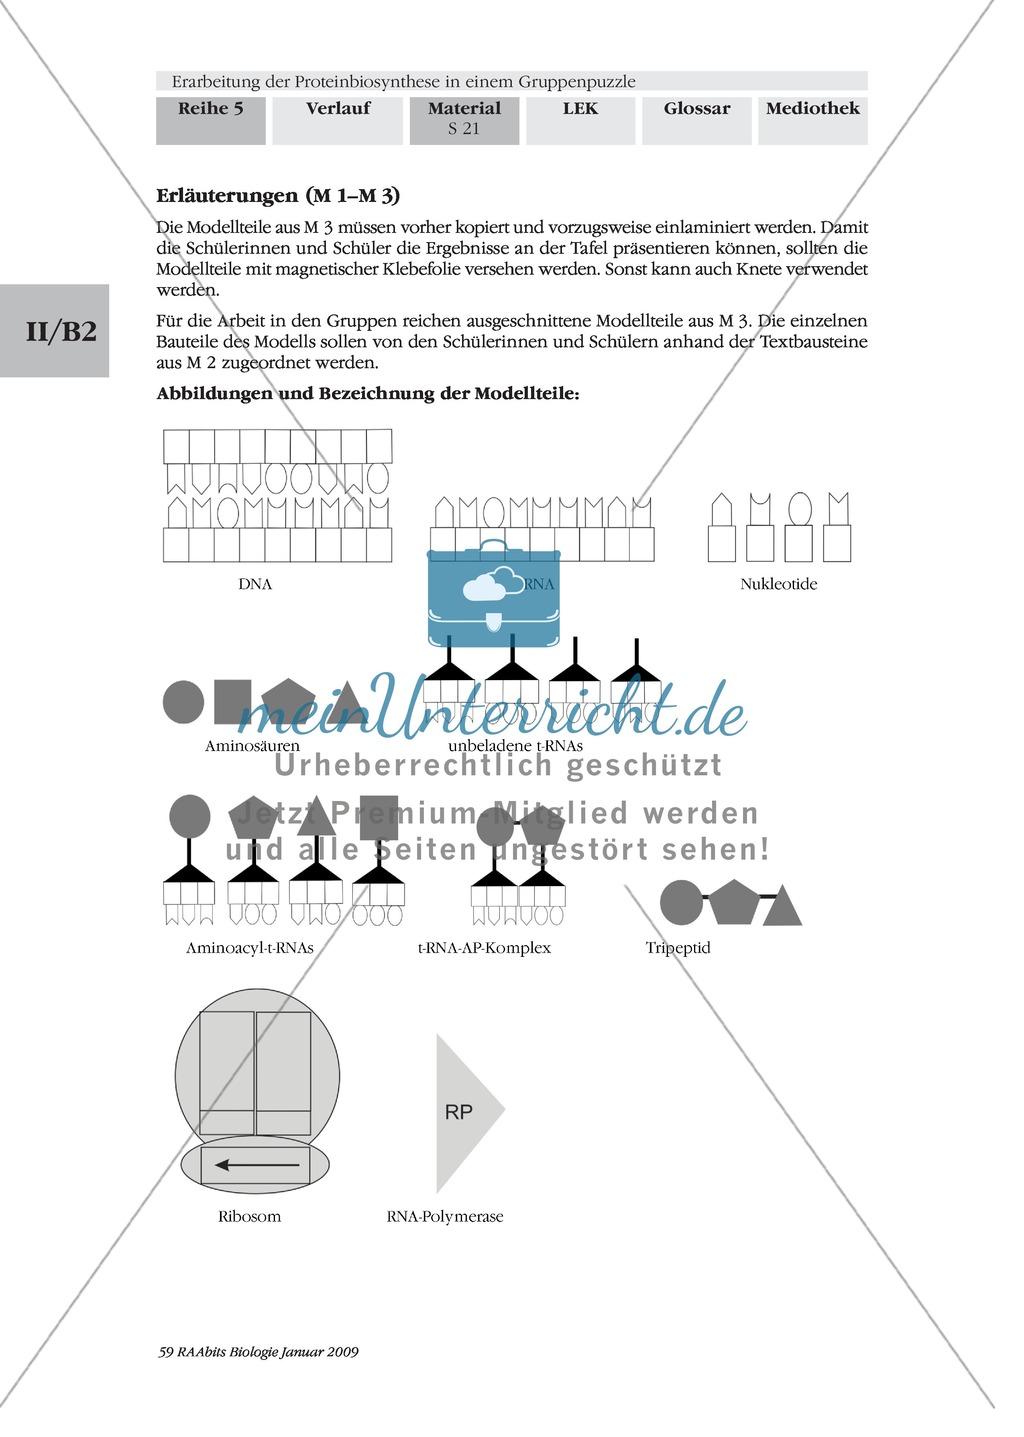 einf hrung in die proteinbiosynthese anhand eines modells meinunterricht. Black Bedroom Furniture Sets. Home Design Ideas